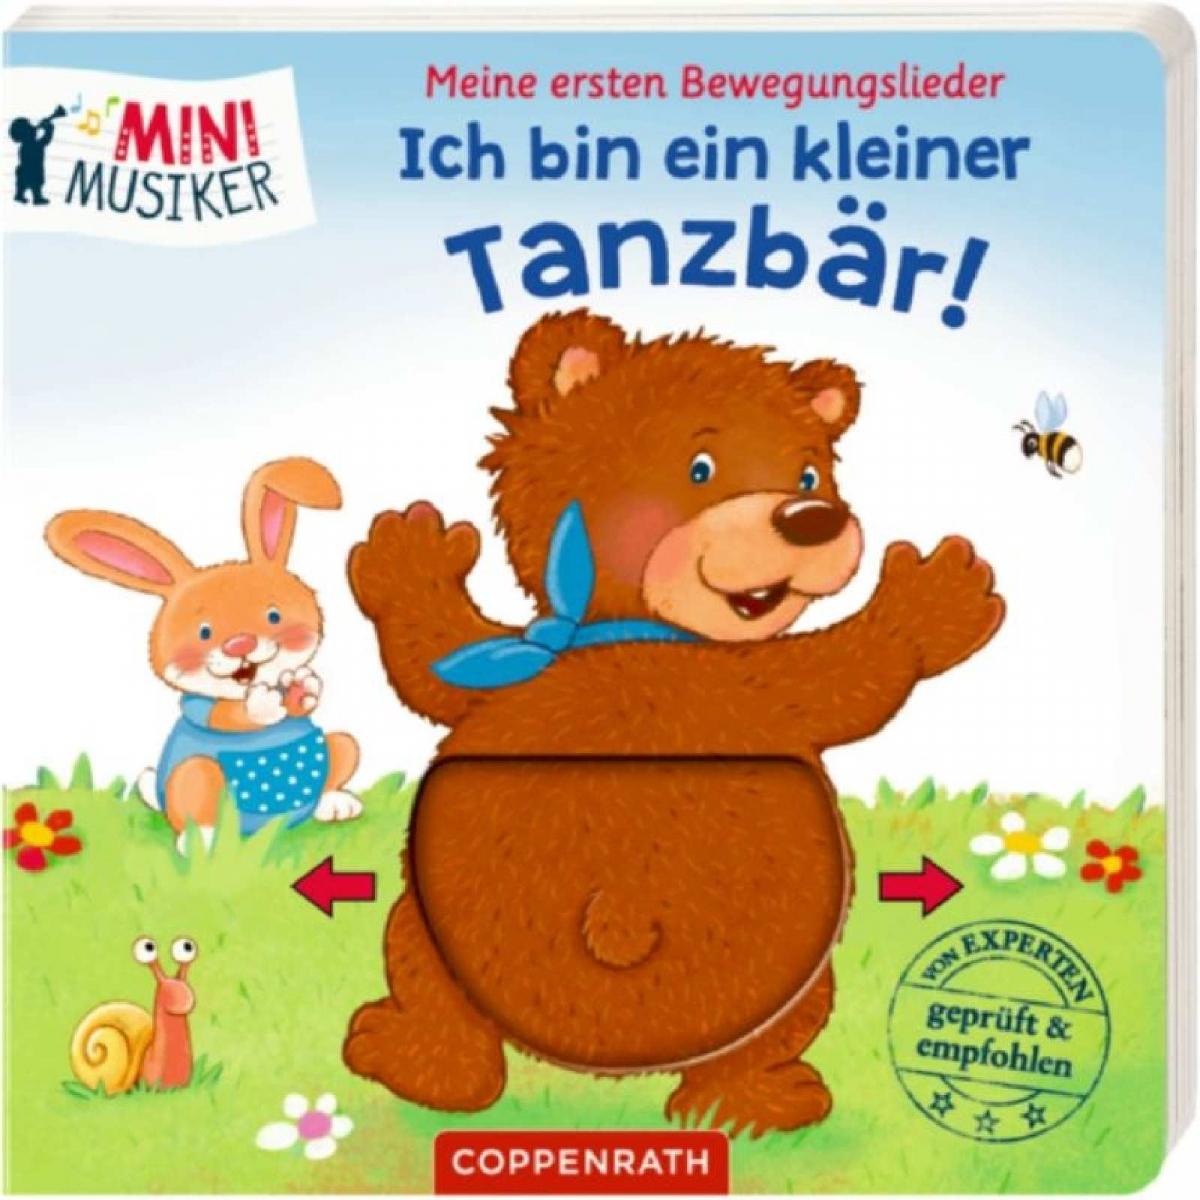 MUKK® Spielwaren Münster - Coppenrath - Bewegungslieder